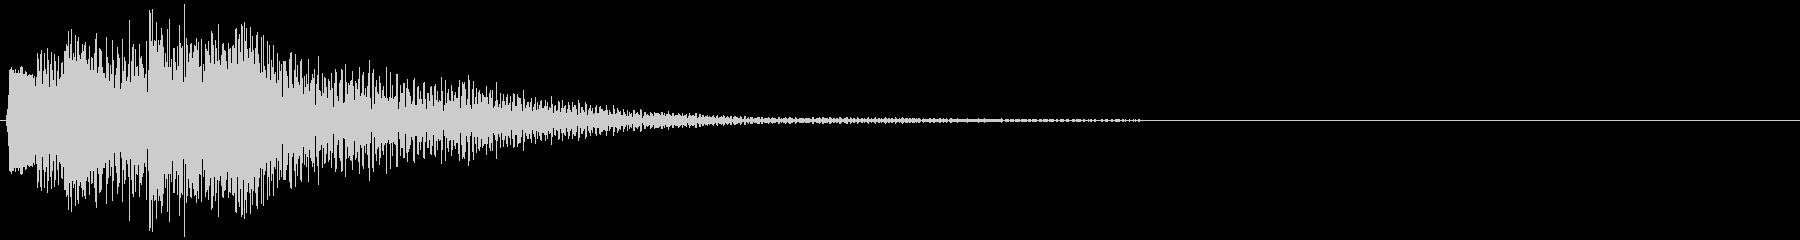 決定・空気感・暗め・ネガティブ7の未再生の波形